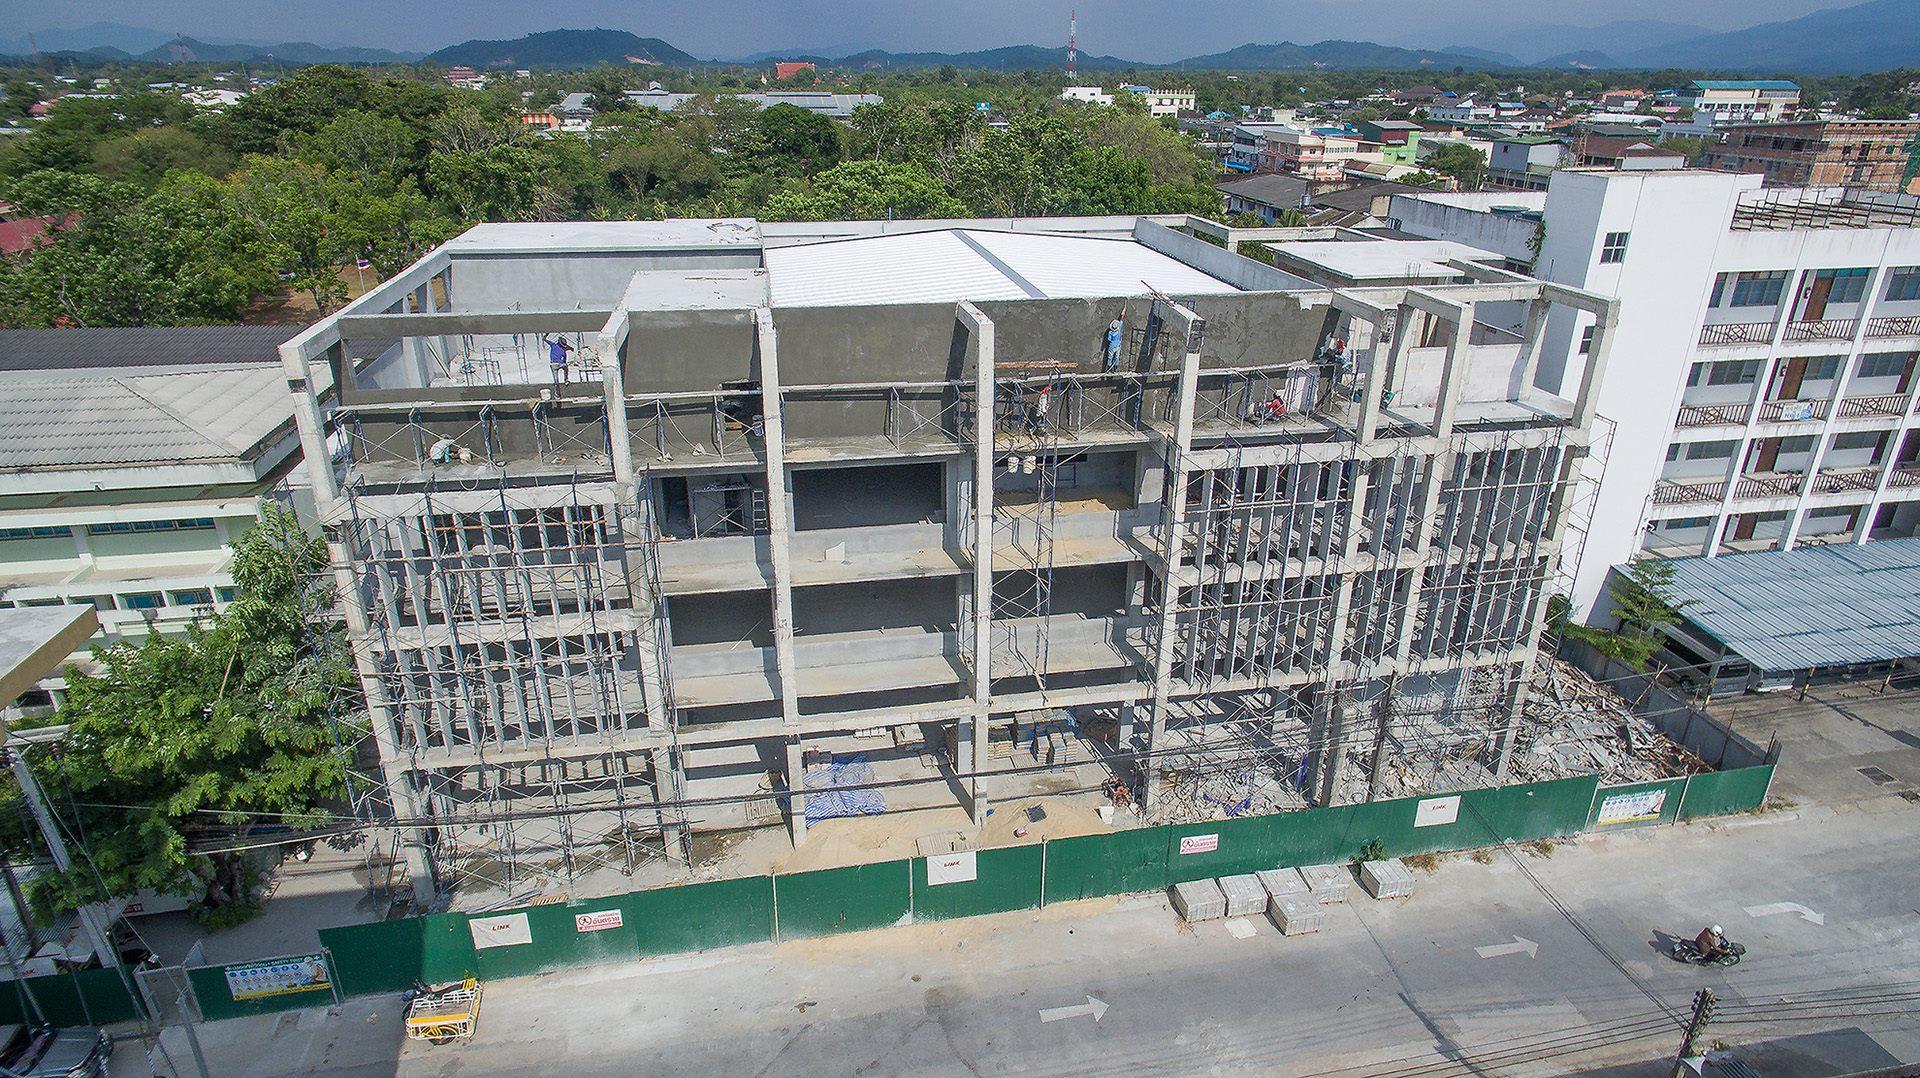 โครงการก่อสร้างอาคาร เรียนรวมวิทยาลัยพละศึกษา จังหวัดยะลา